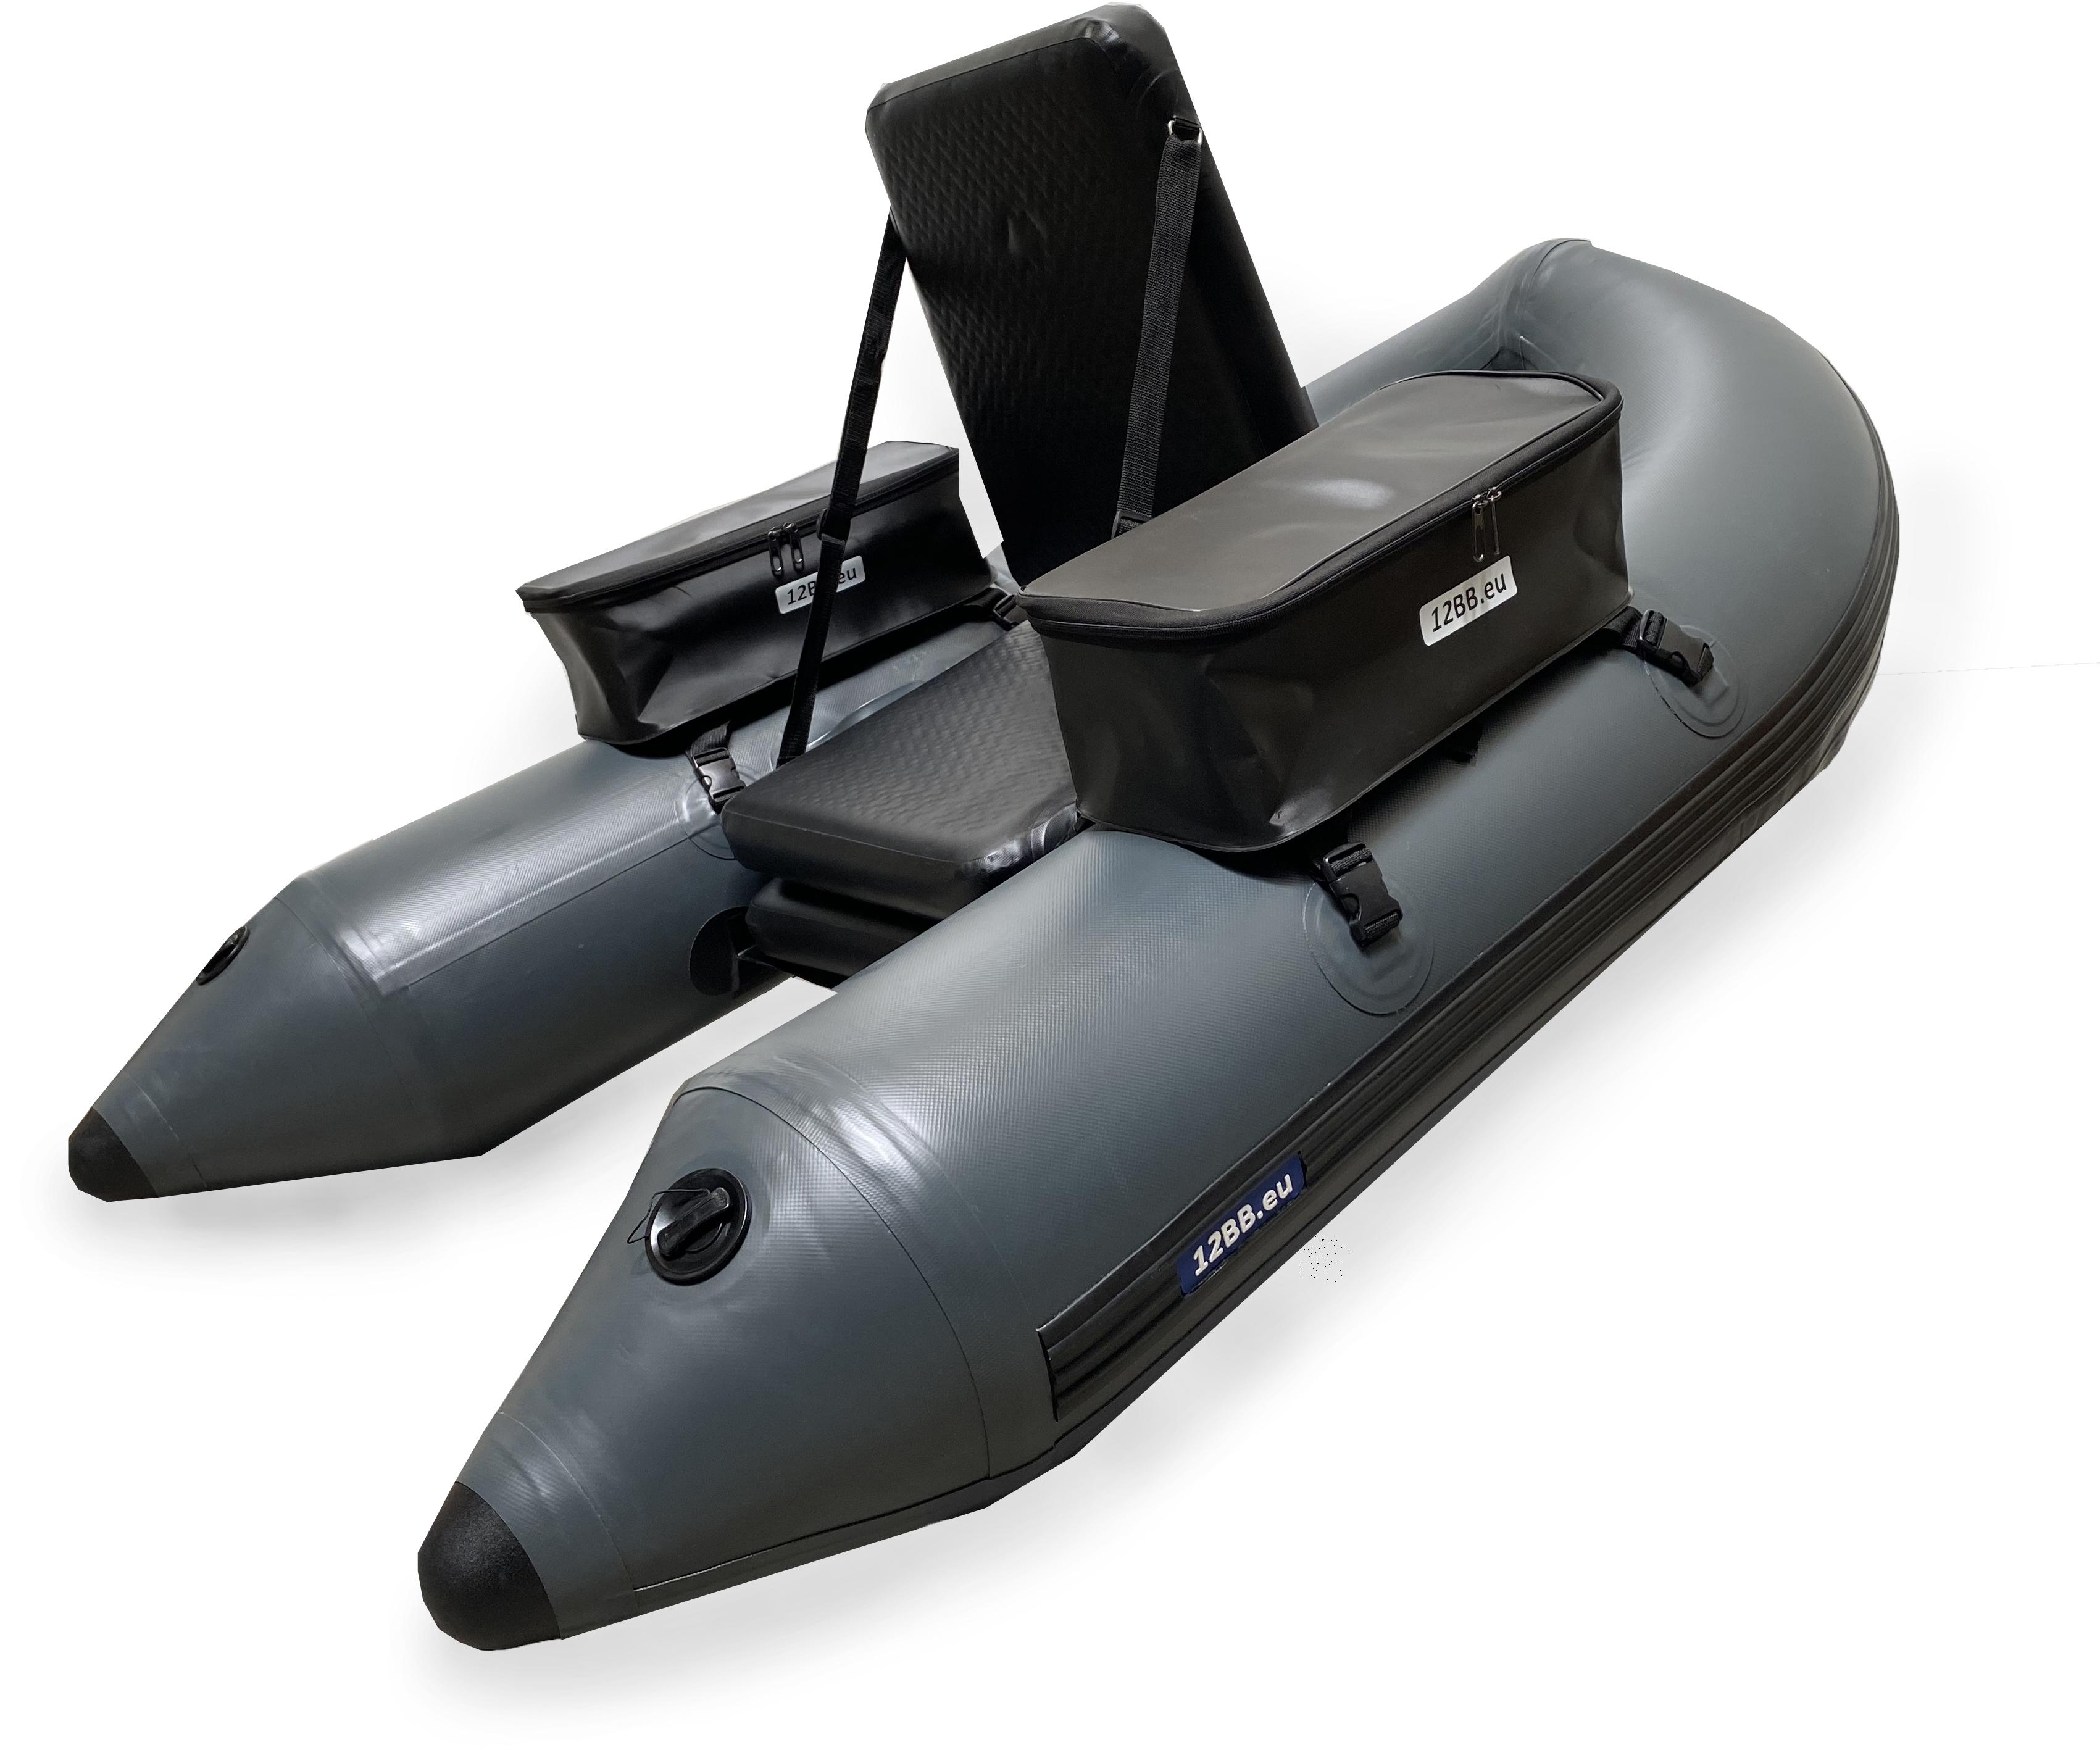 12BB - Bauchboot, Typ PHANTOM NP mit aufblasbarem Sitz und Boden (keine Paddel)